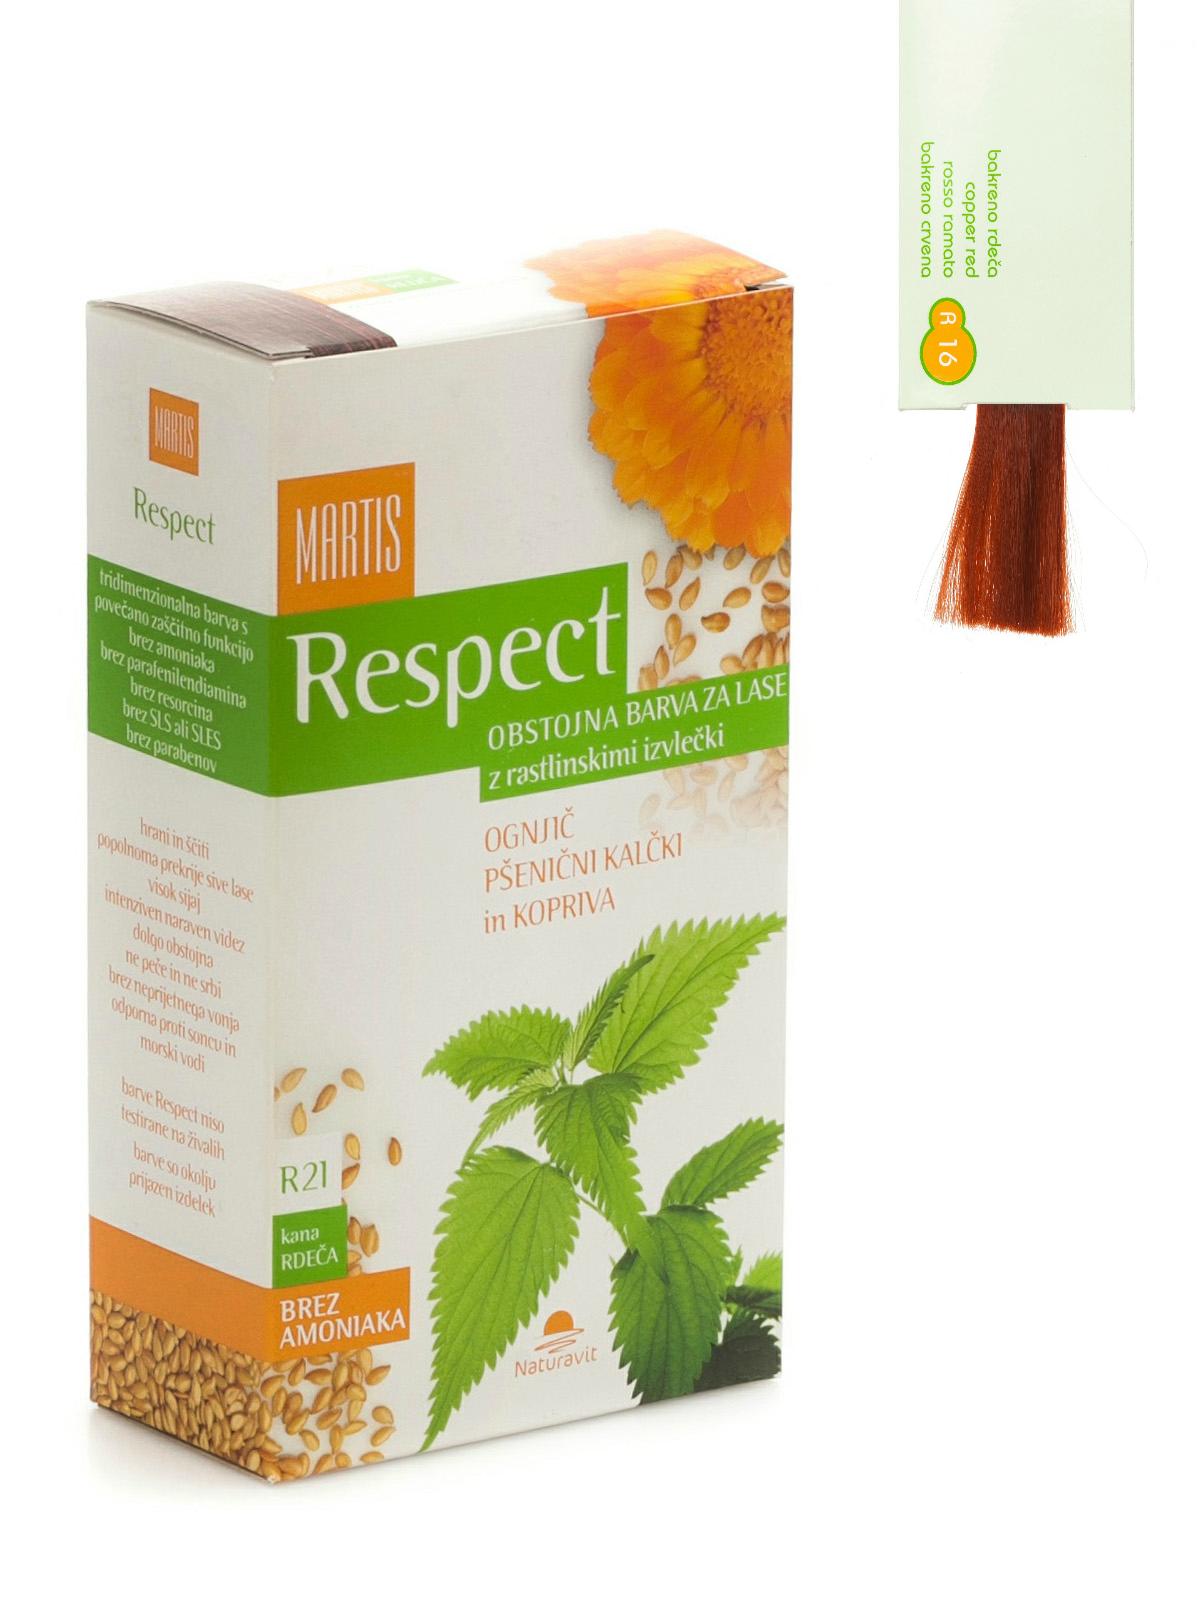 """lgalaikiai plaukų dažai MARTIS RESPECT su augaliniais ekstraktais """"Varinė su raudonu atspalviu""""  Nr.16, 135ml"""